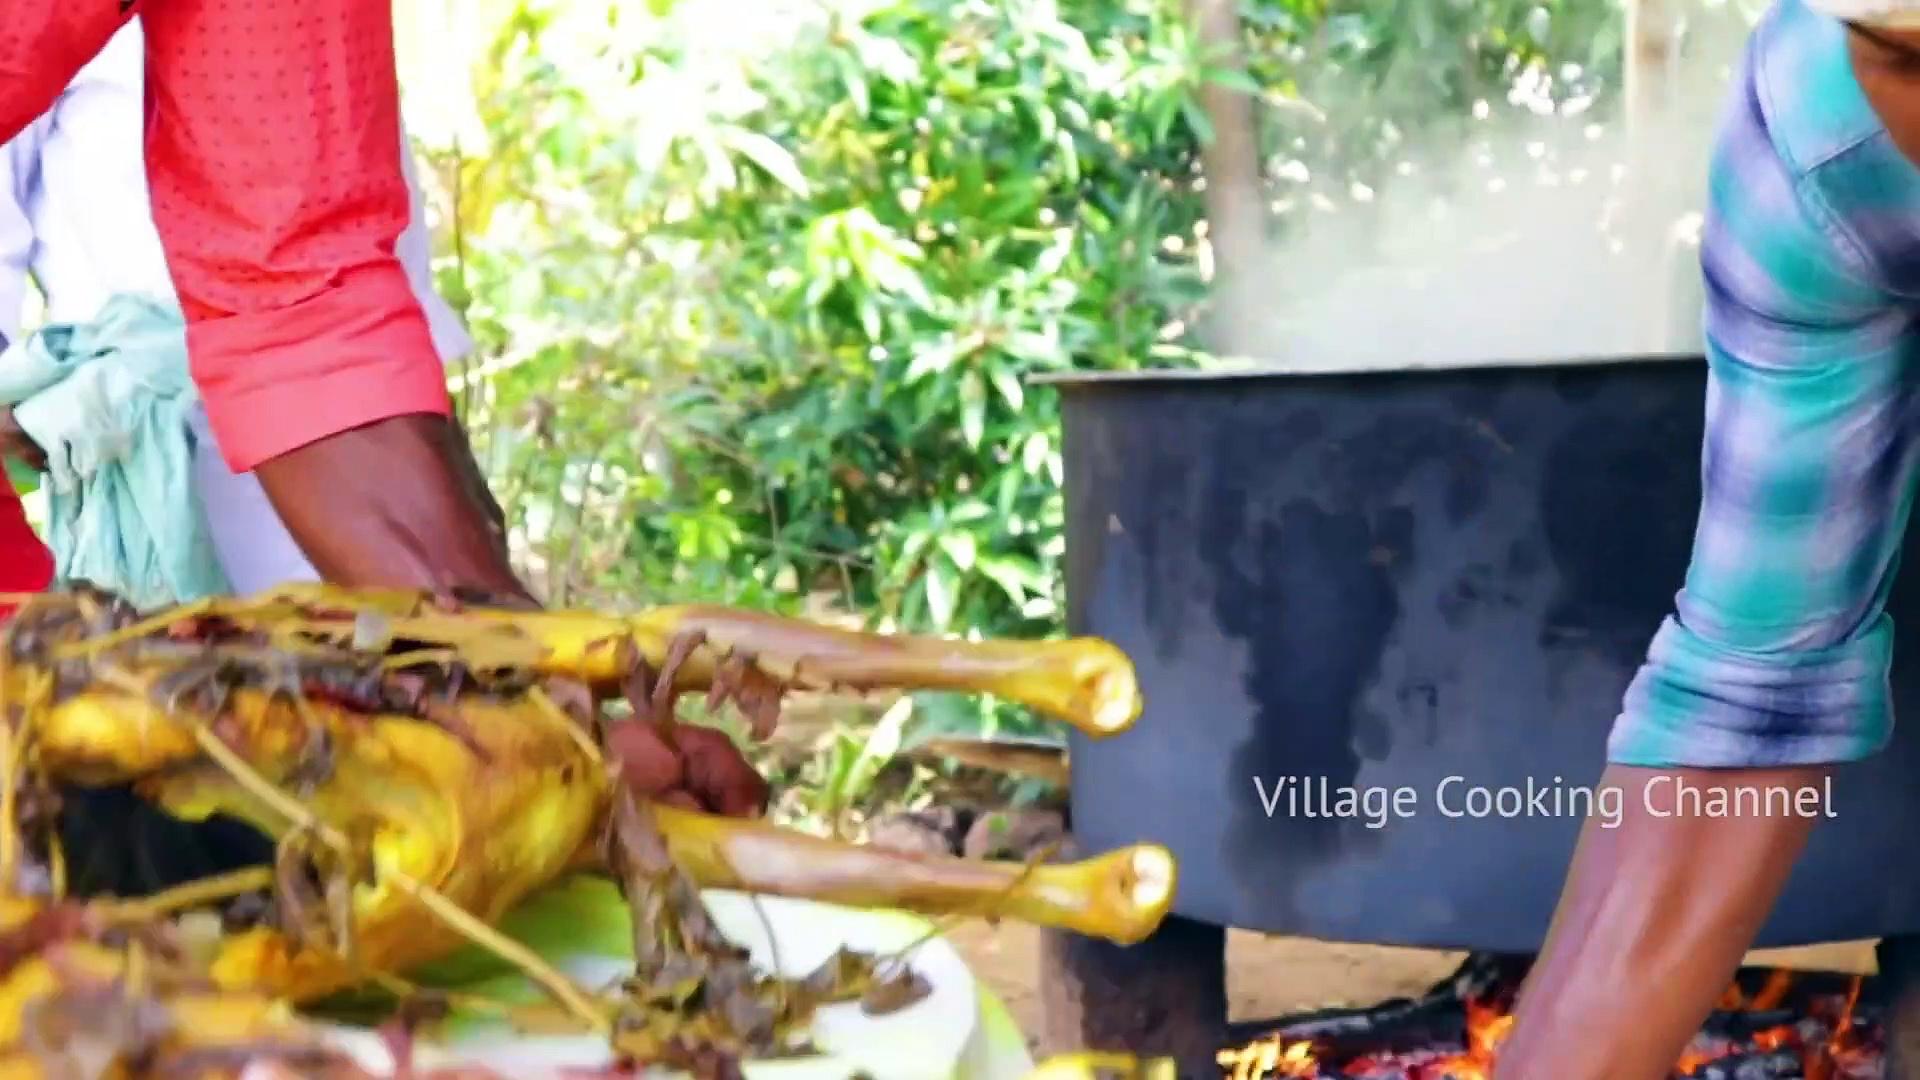 MUTTON BIRYANI – 2 FULL GOAT Biryani recipe cooking and eating in village – Arabic Full Goat Cooking